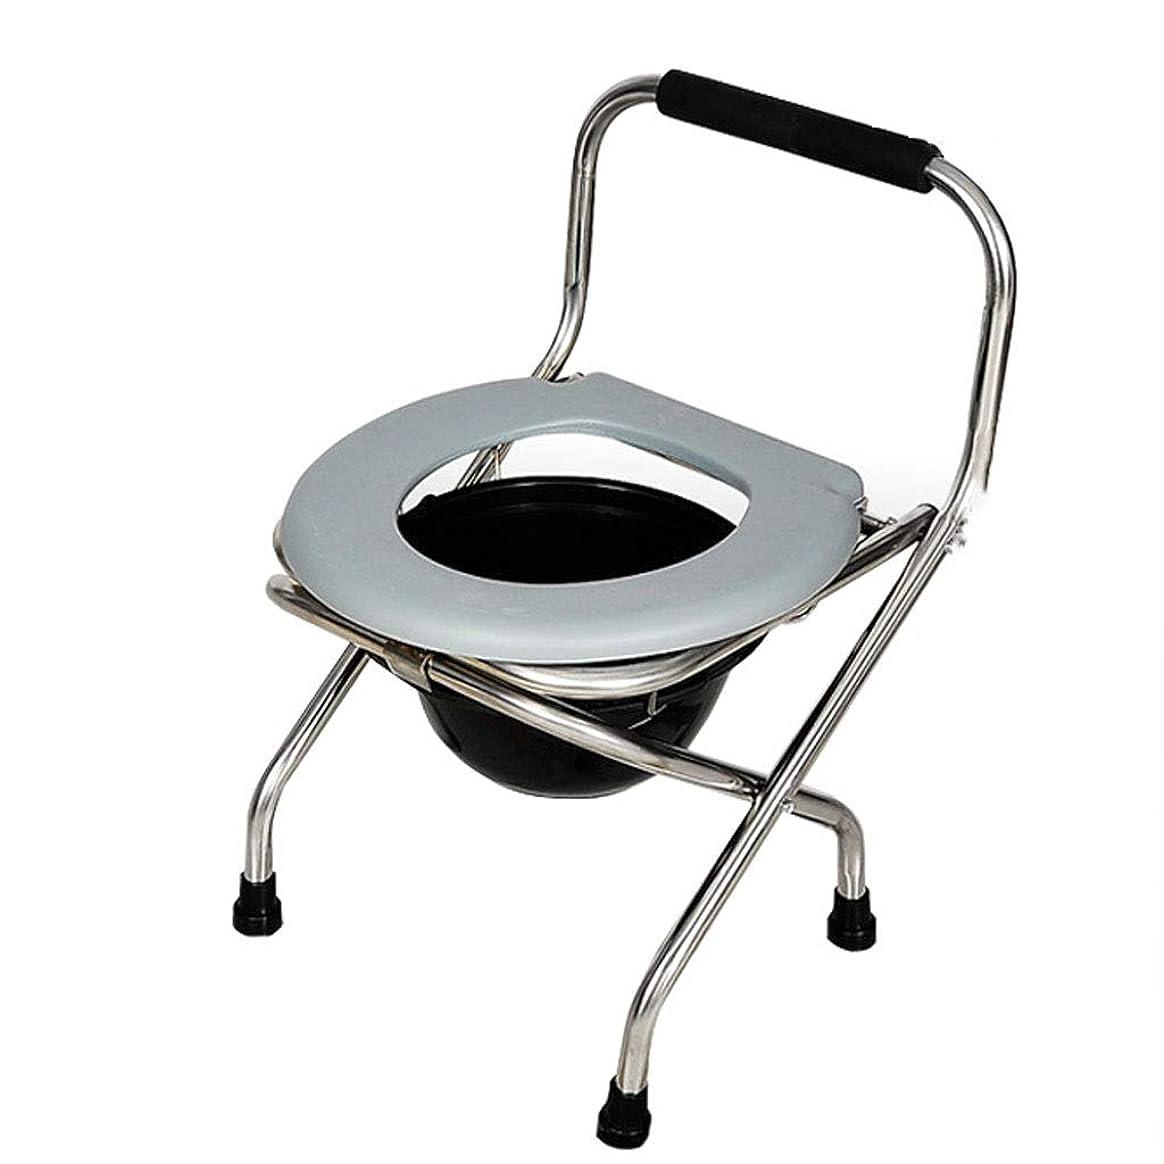 移動する行商人ビザ折りたたみ便器チェアー、トイレの囲い、軽量、丈夫、シンプル、高齢者用、無効、身体障害者用バスルームサポート